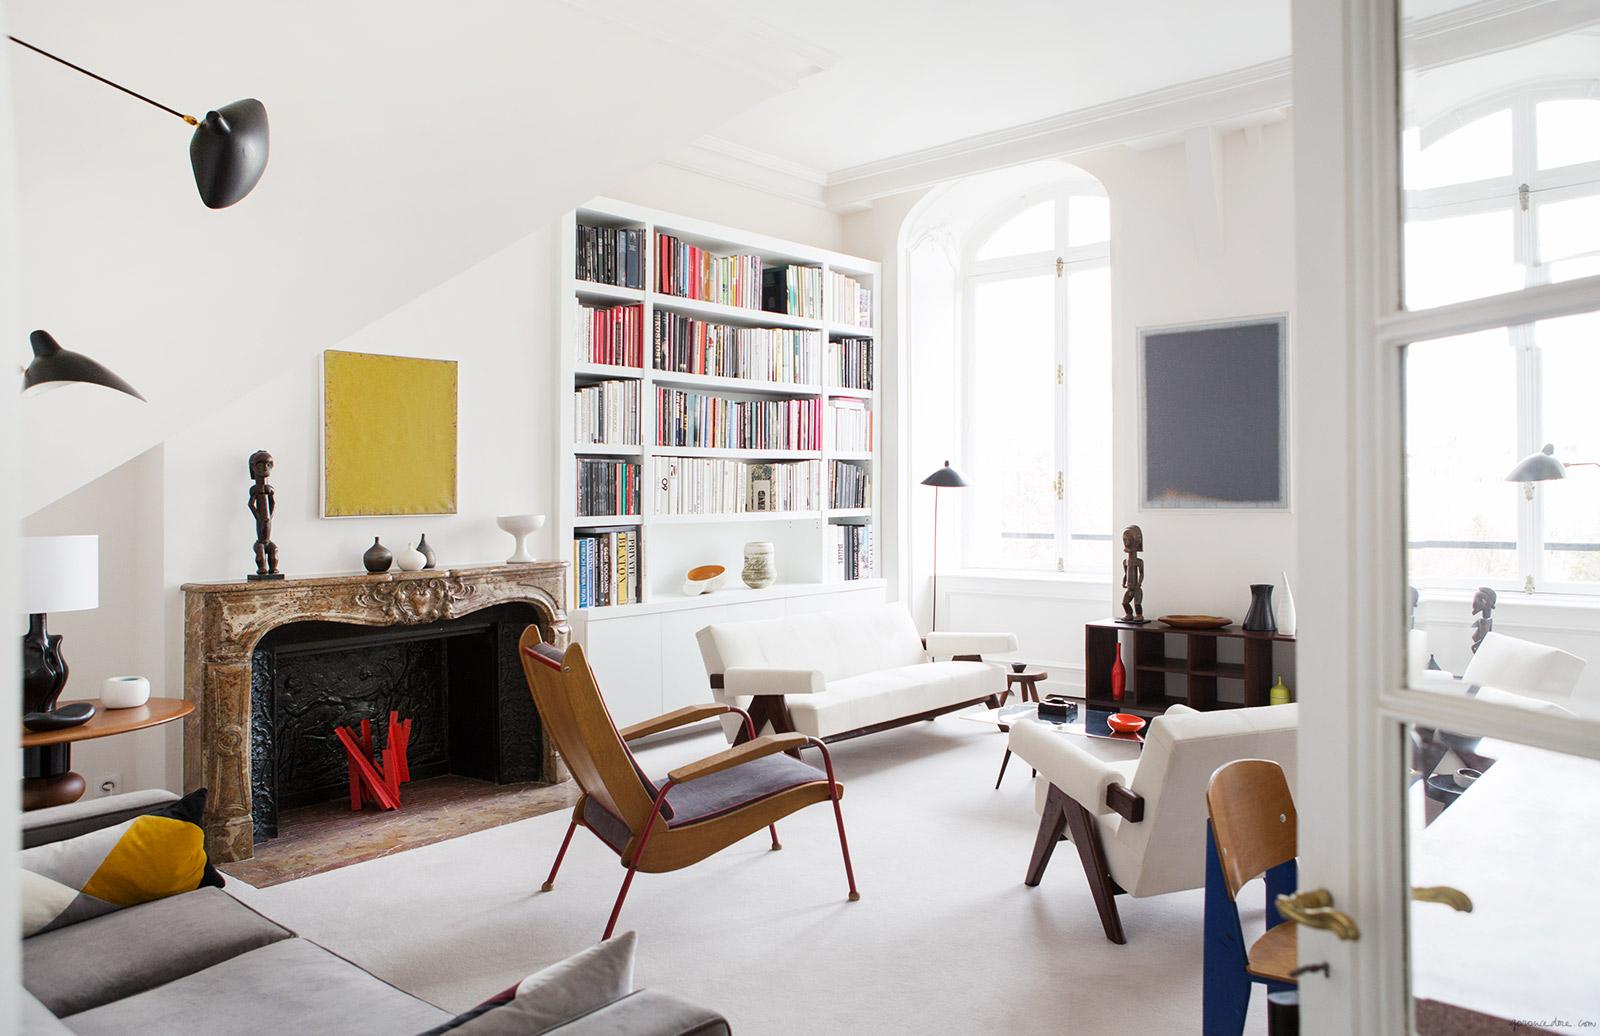 design attractor: Mid century modern design filled ...